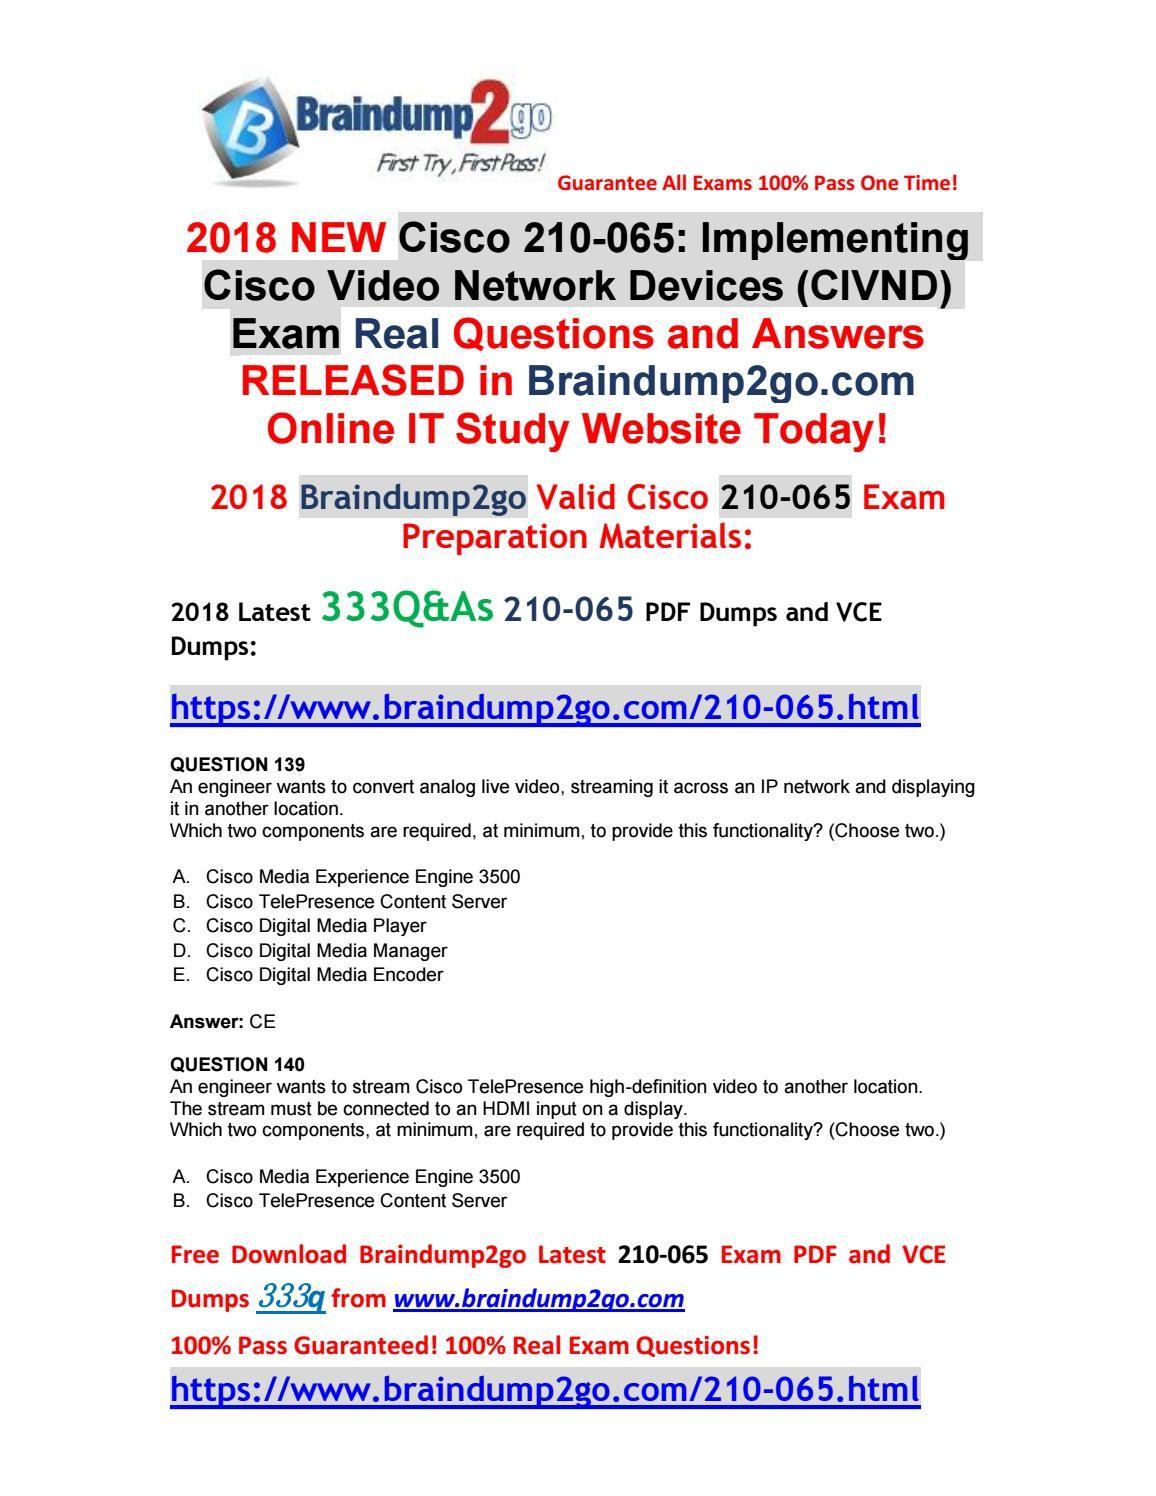 2018 jan version)braindump2go new cisco 210 065 vce dumps free share(2018 jan version)braindump2go new cisco 210 065 vce dumps free share!(q139 q149)